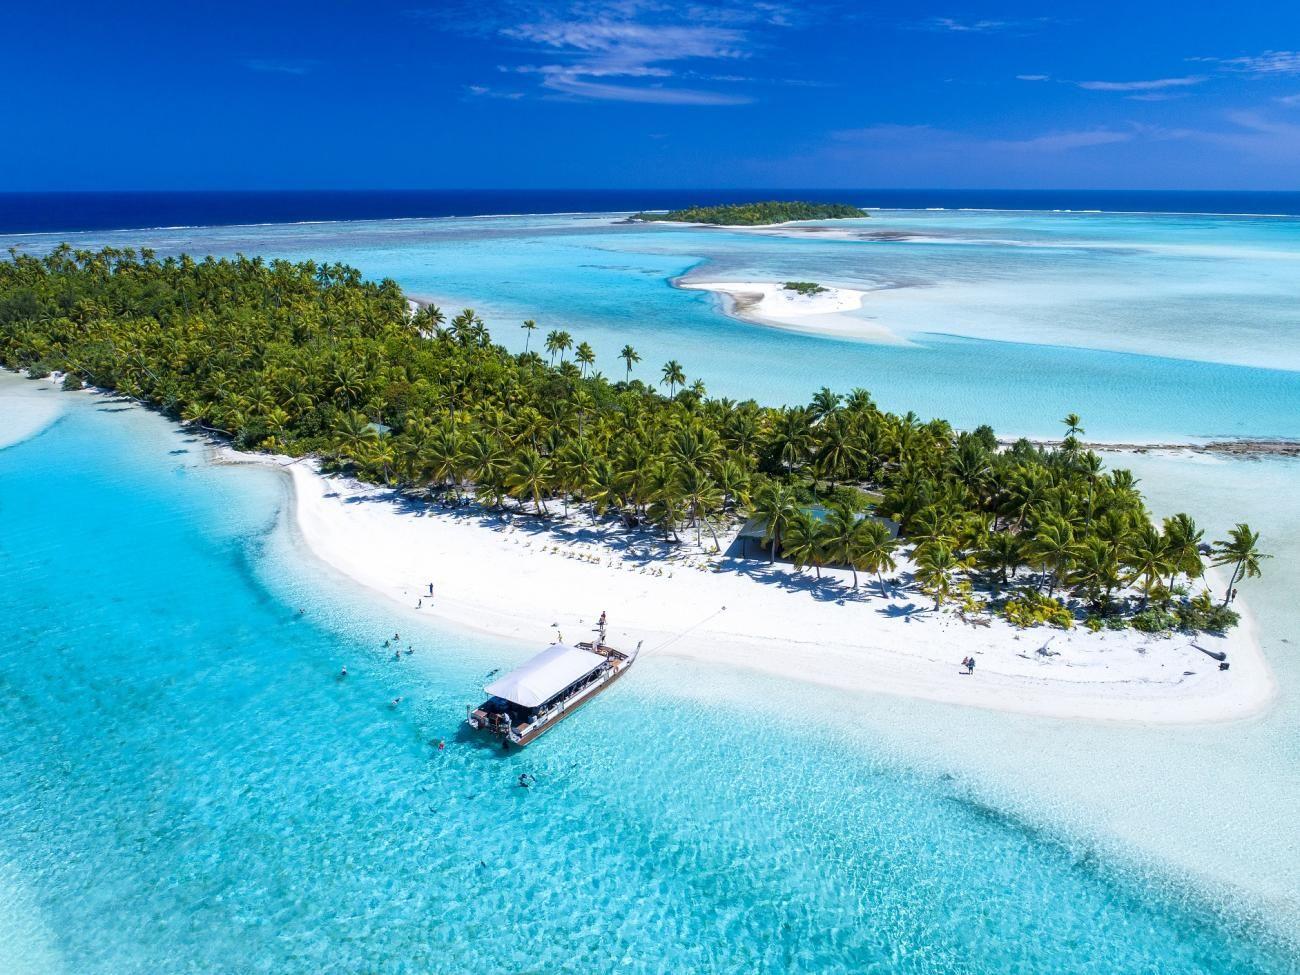 Some Day Is Now Cook Islands Beautiful Islands Cook Islands Aitutaki